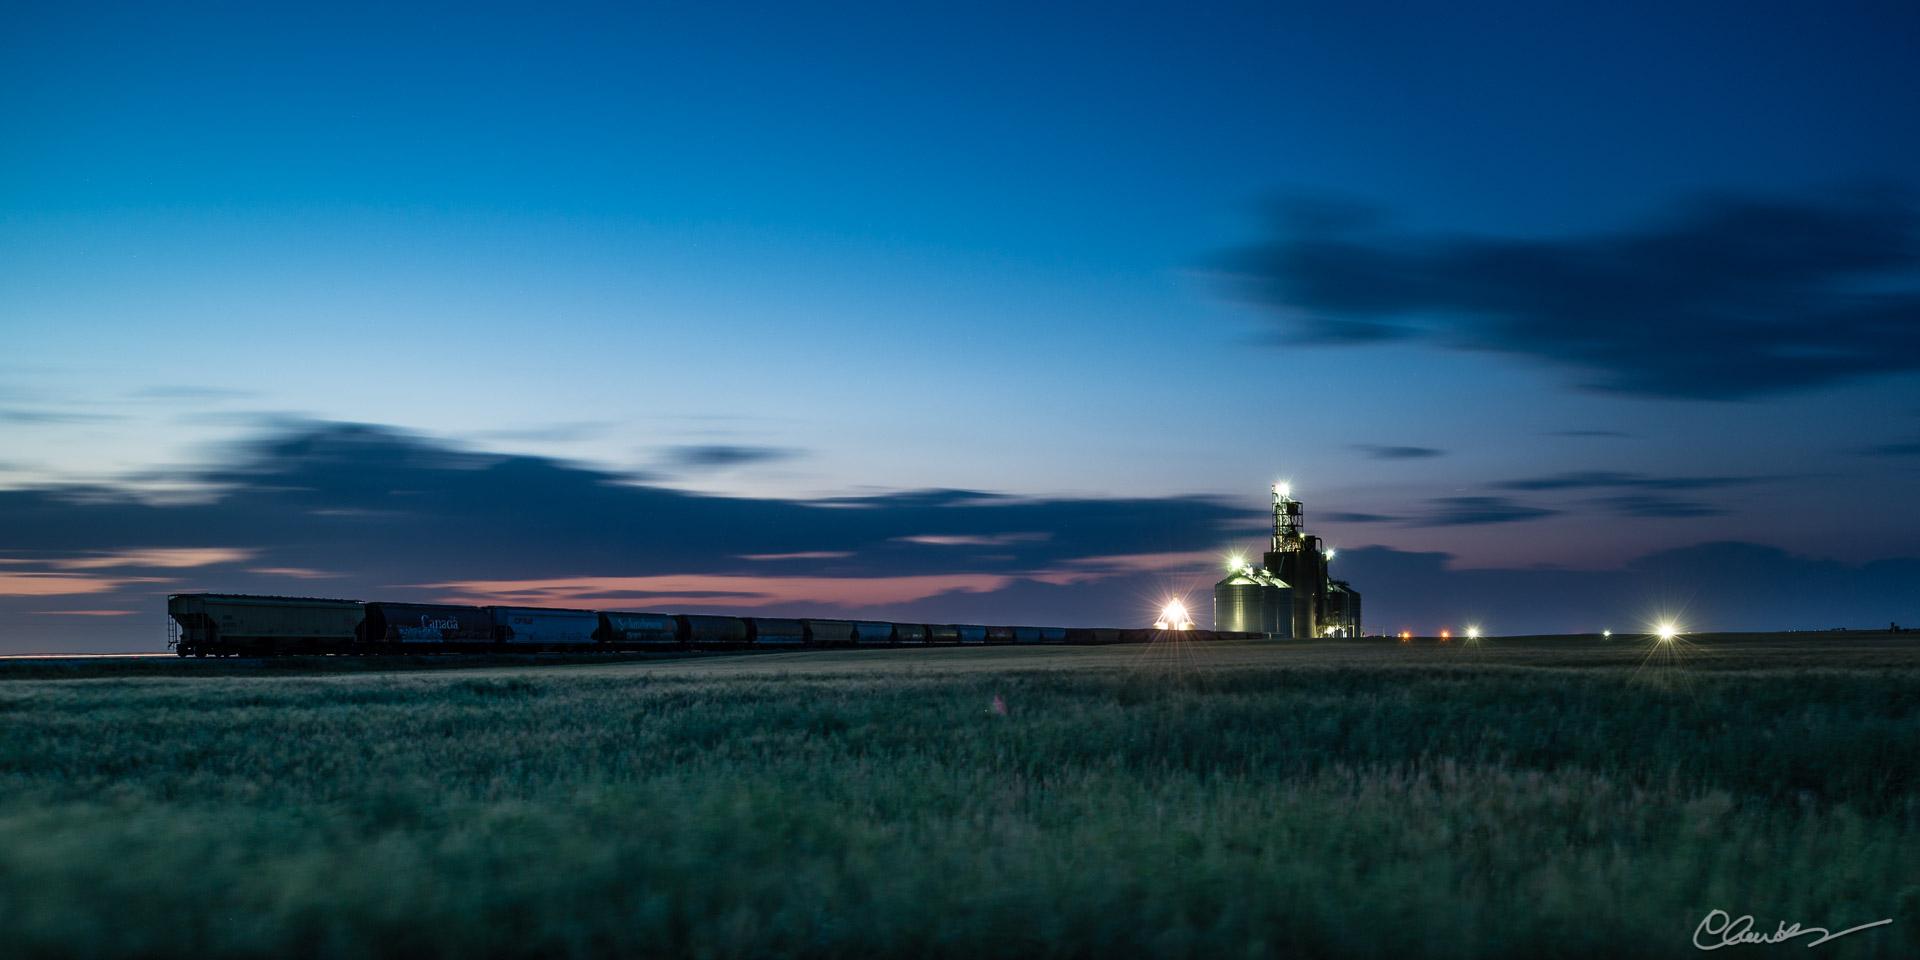 Les plaines de l'Alberta / Alberta Plains